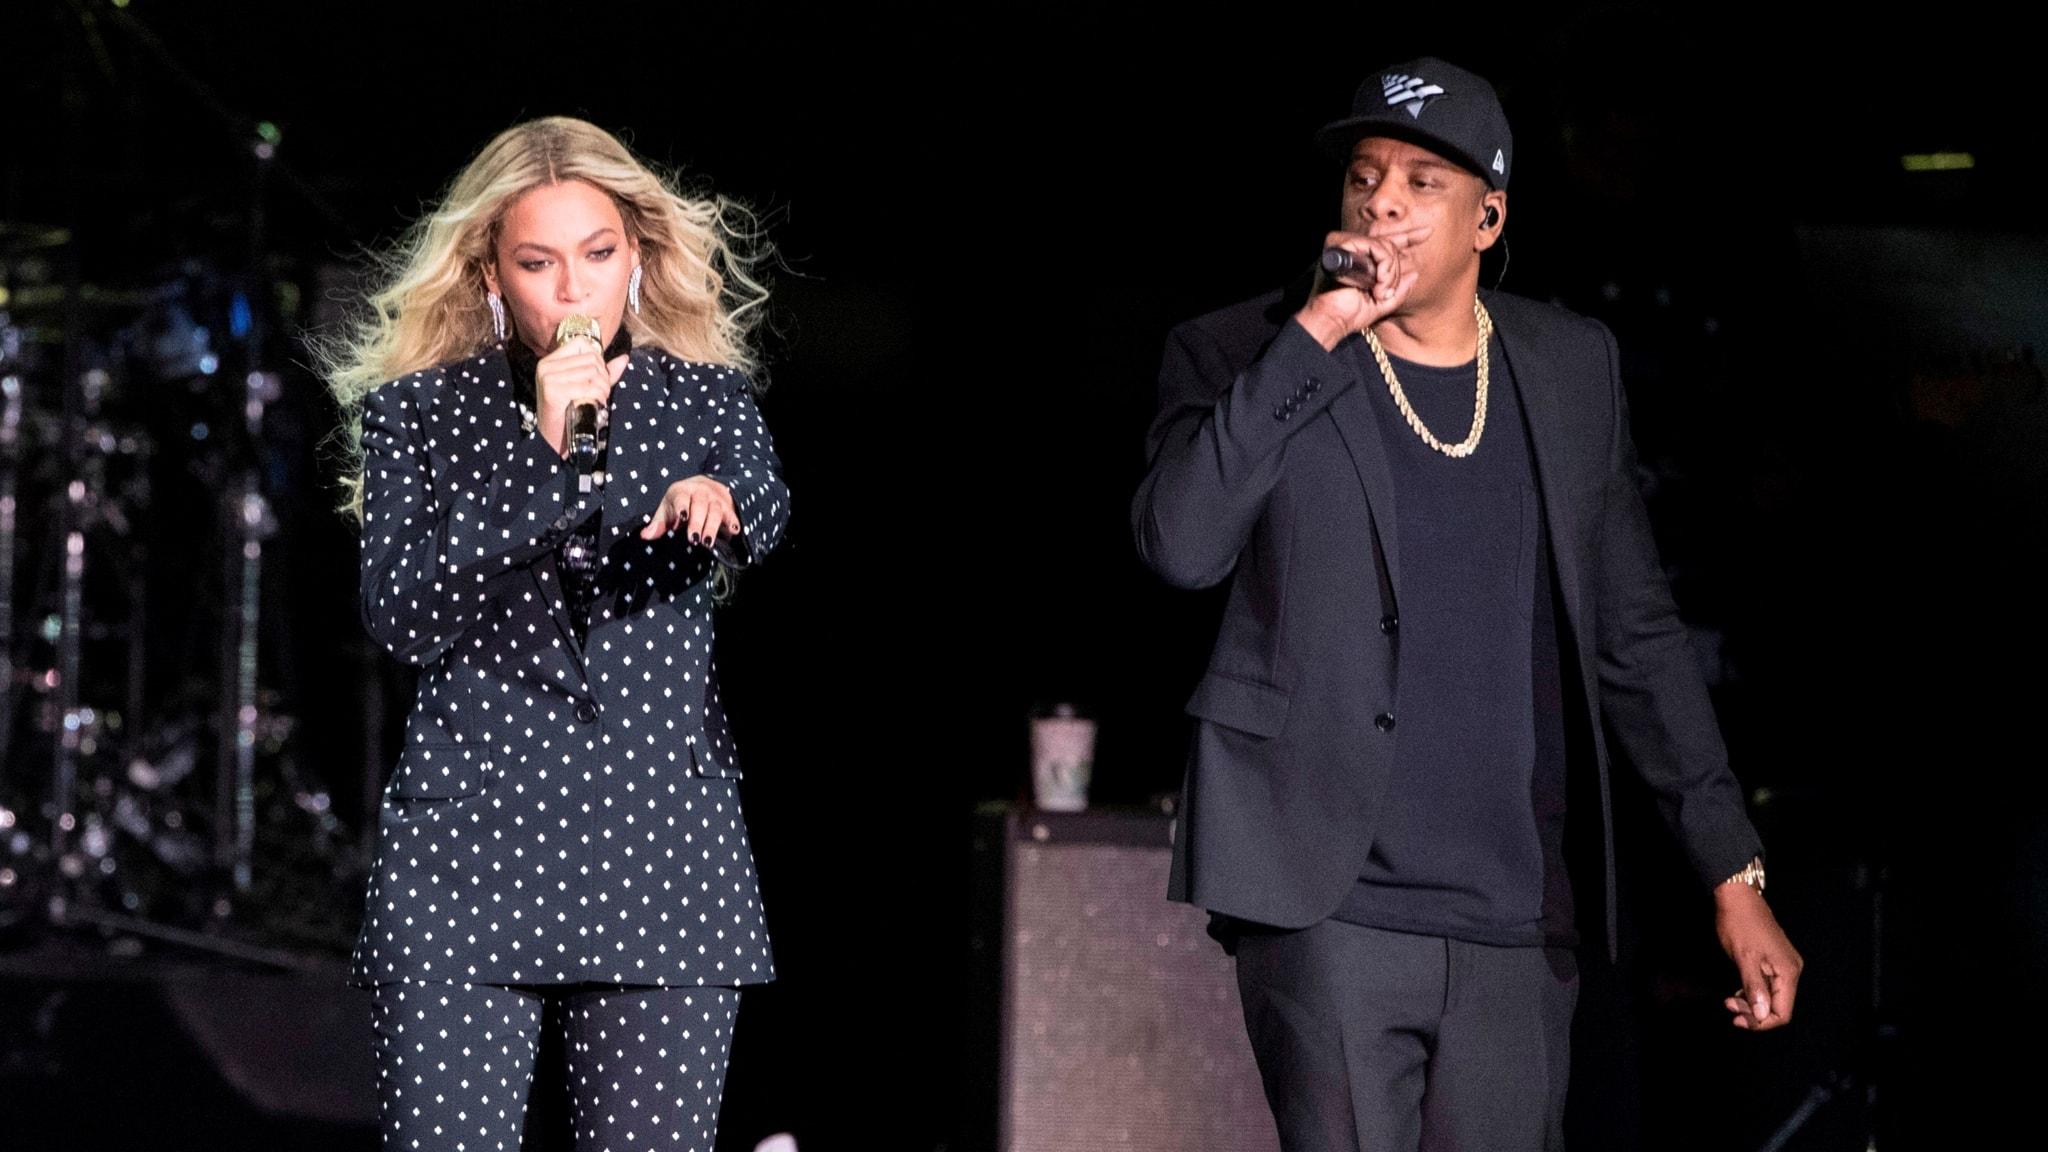 29a9bdd2fb10 Besöksrekord på Louvren – tack vare Beyoncé och Jay-Z - Kulturnytt i P1    Sveriges Radio